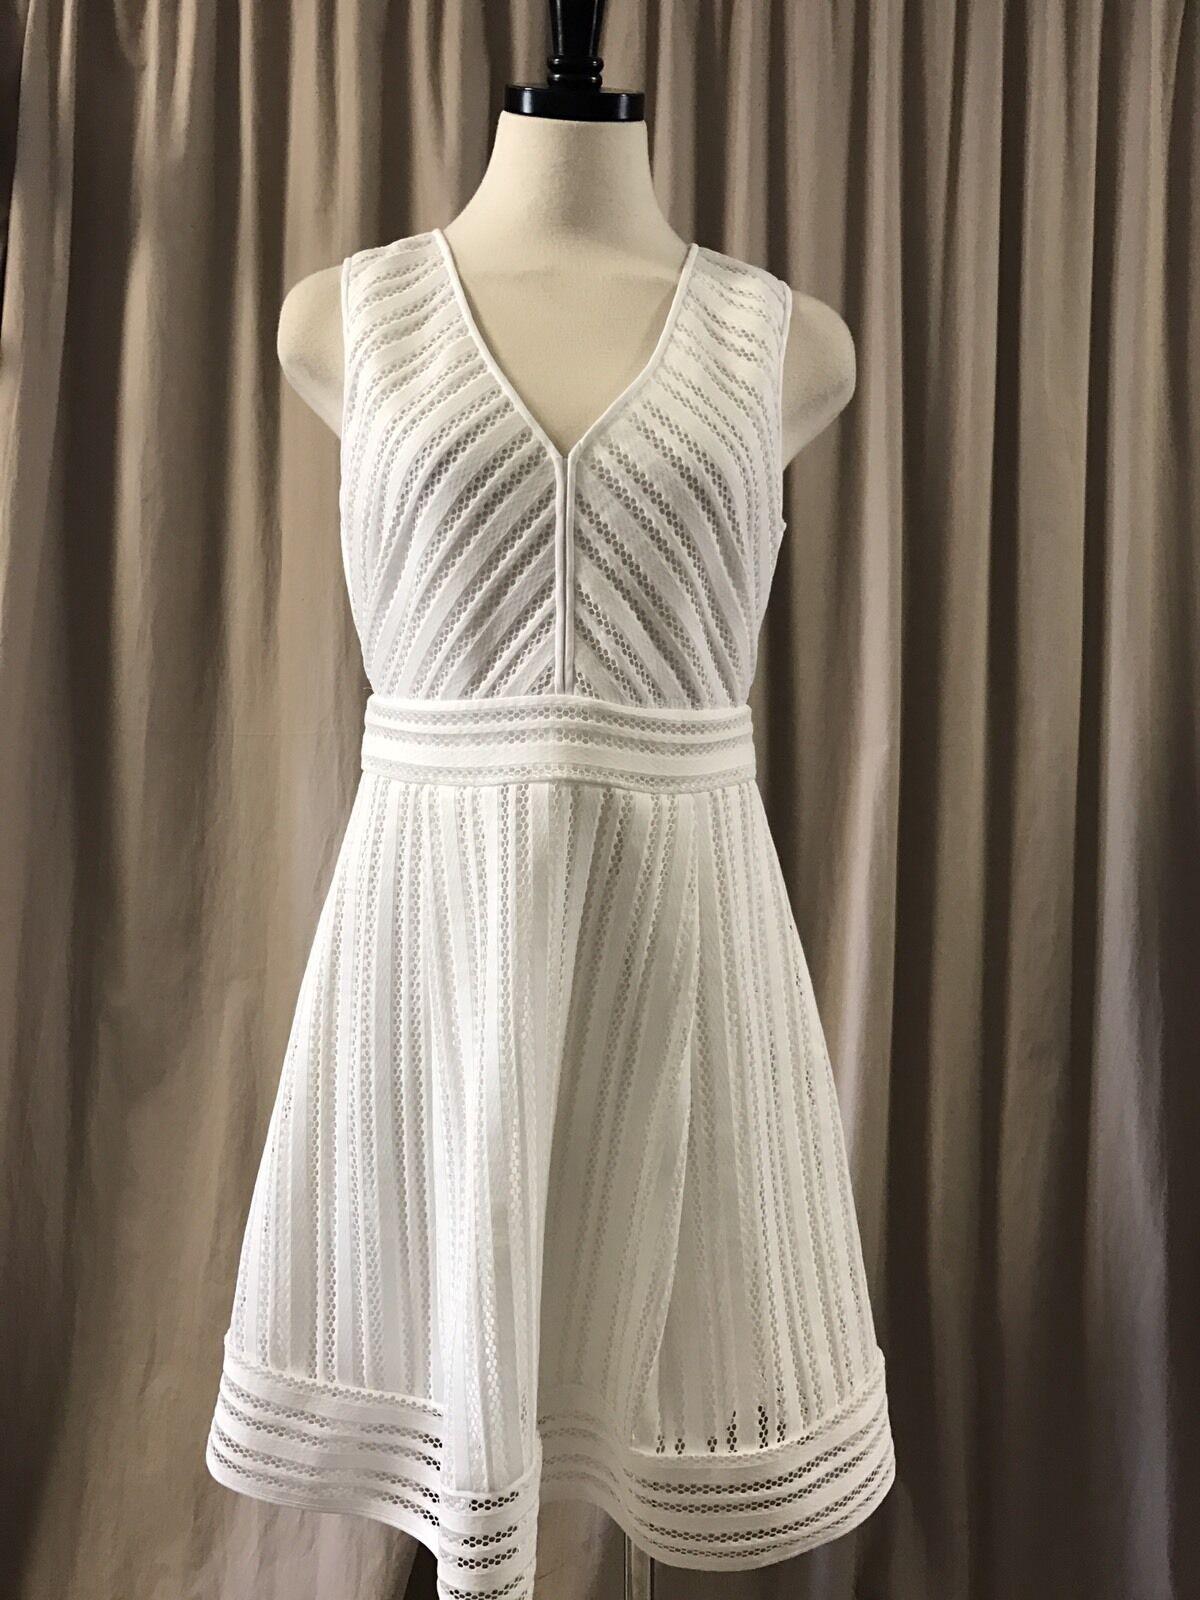 J.CREW PETITE STRIPES EYELET DRESS Weiß SZ 6P C7315